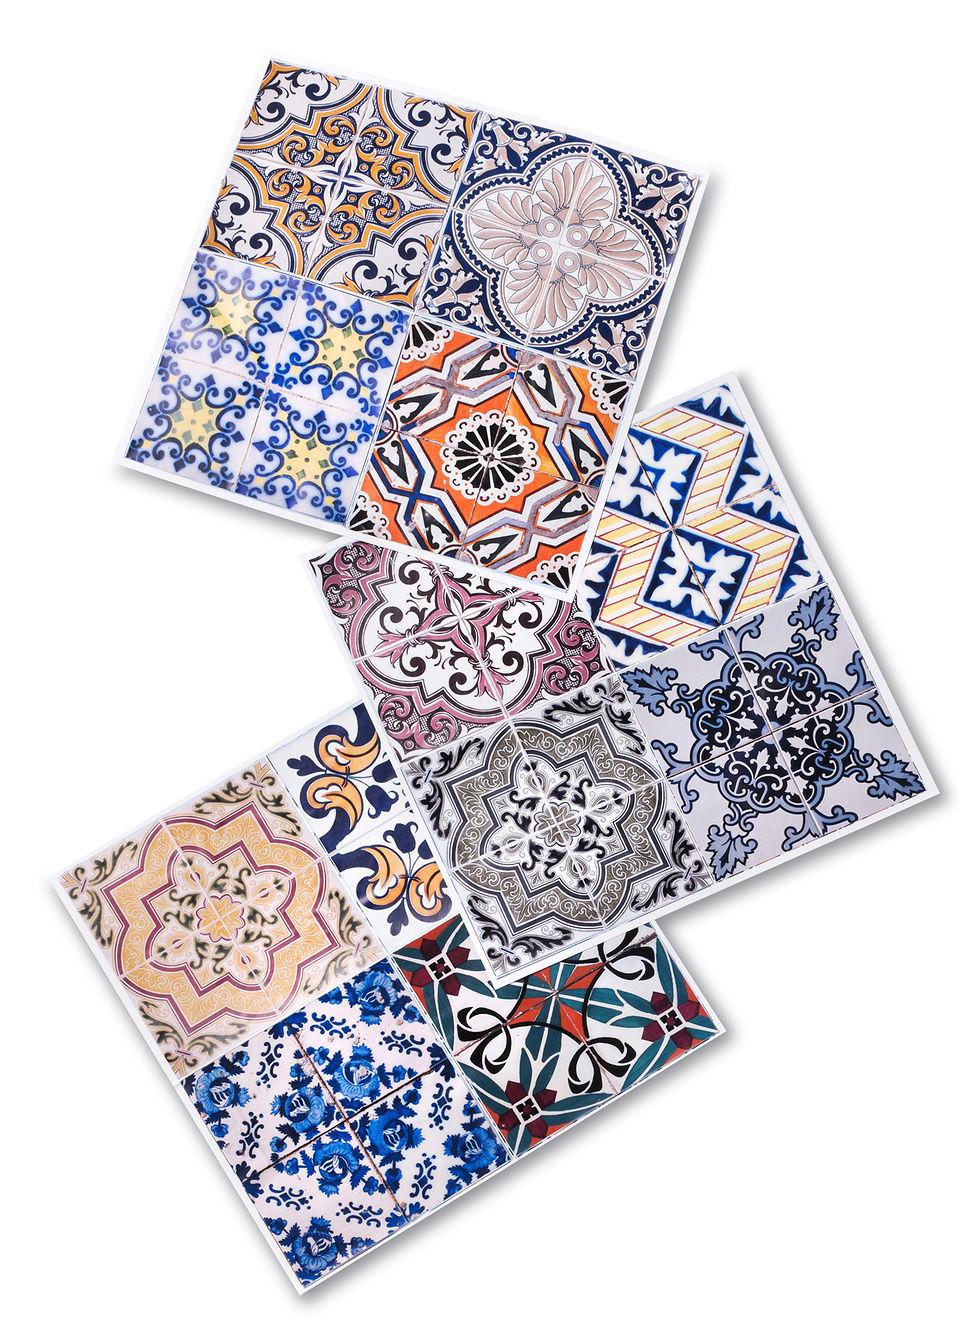 Наклейки в стиле плиток «Марокко» (12 шт.)